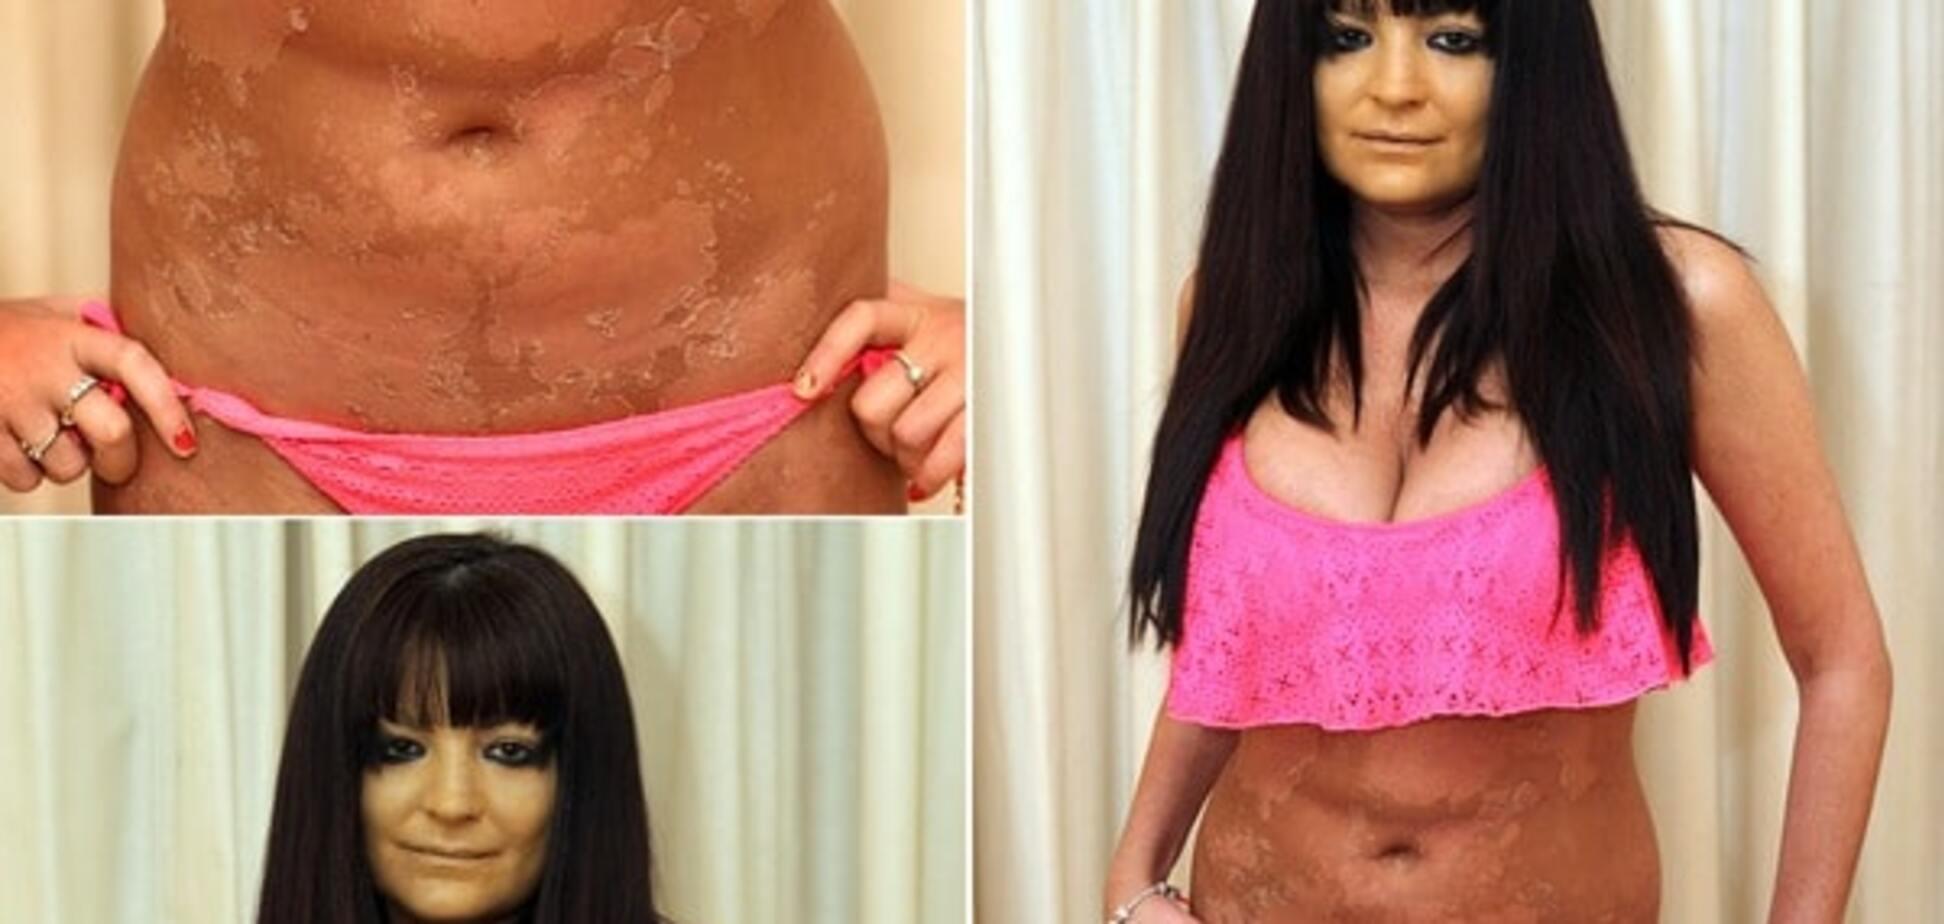 На тілі порноактриси після солярію з'явилися моторошні плями: опубліковані фото